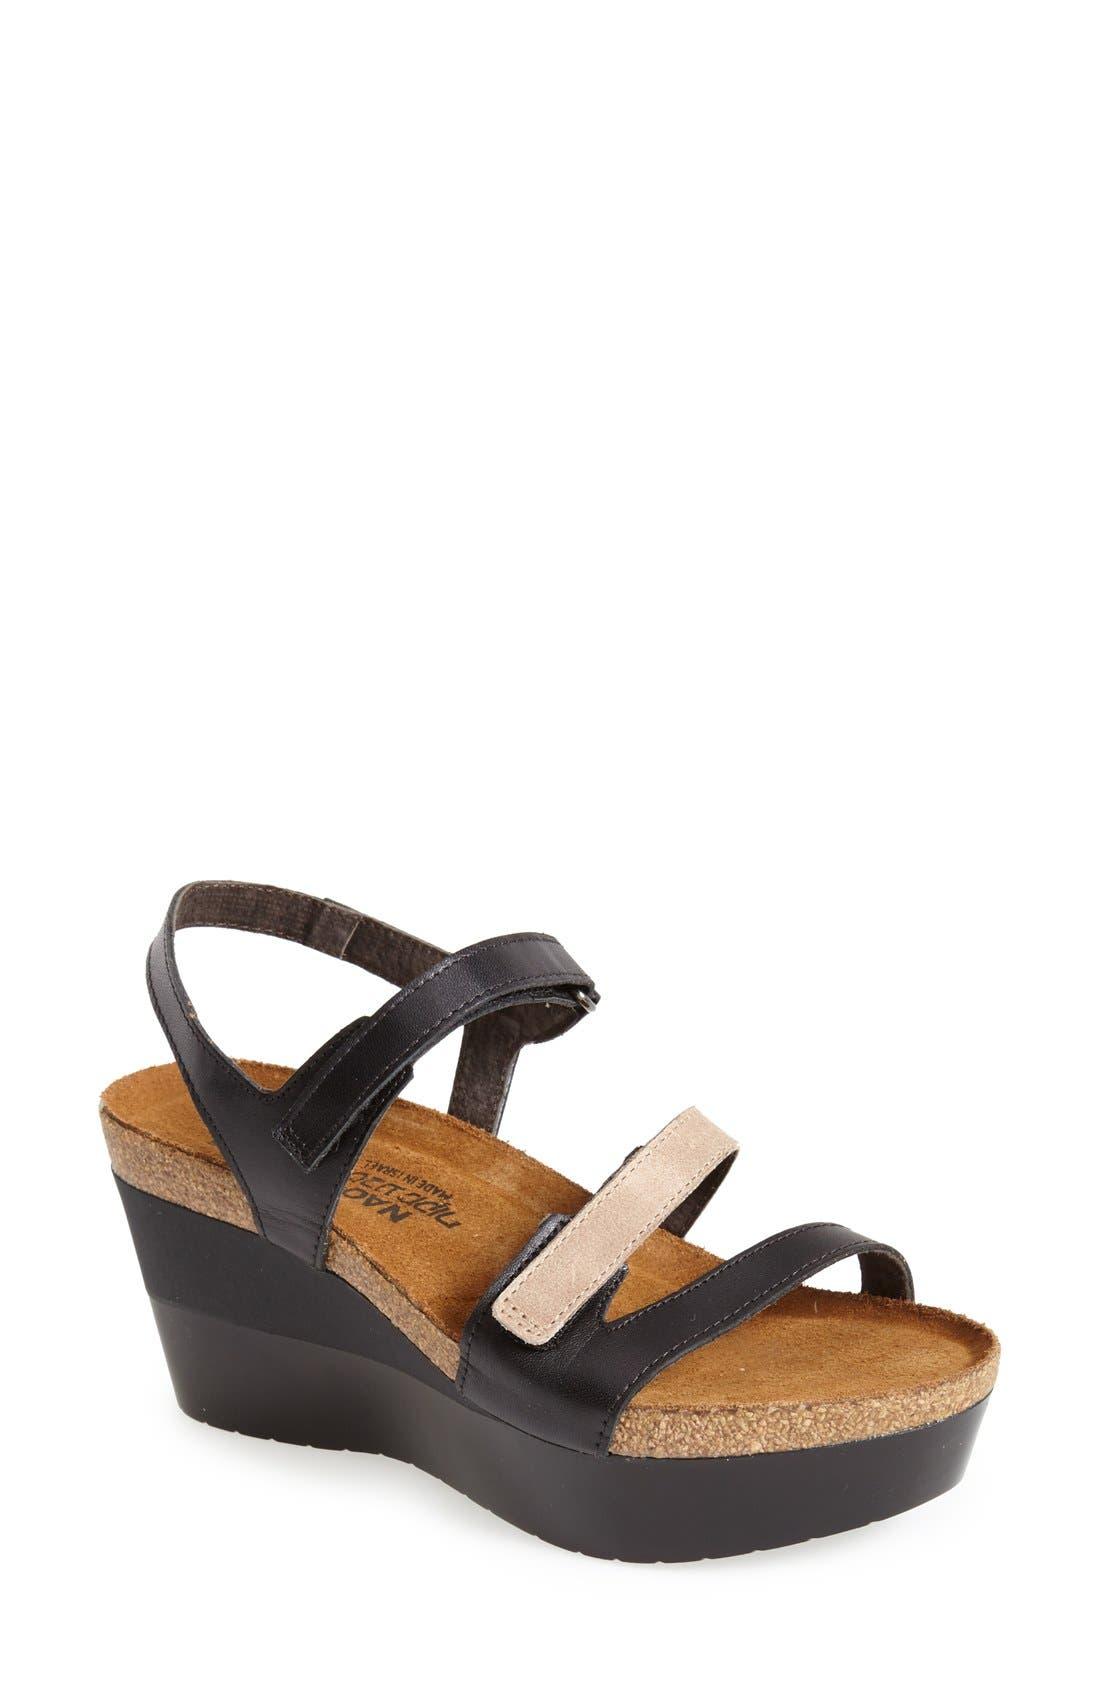 NAOT 'Canaan' Wedge Sandal